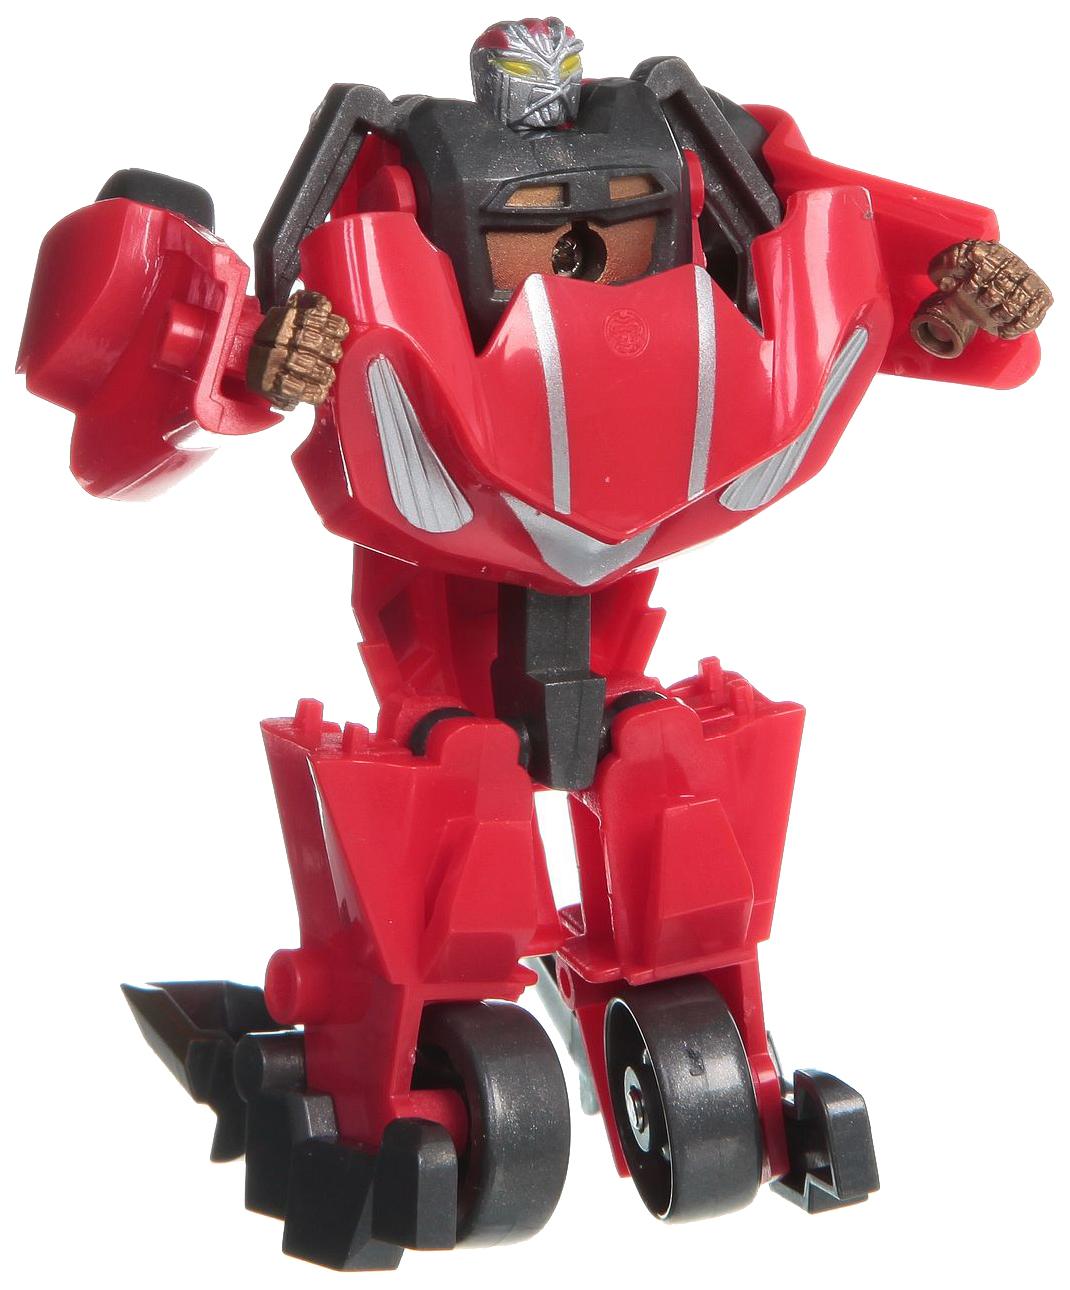 Фигурка персонажа Gratwest робот трансформер Red Ophelia с оружием Л56056 фото